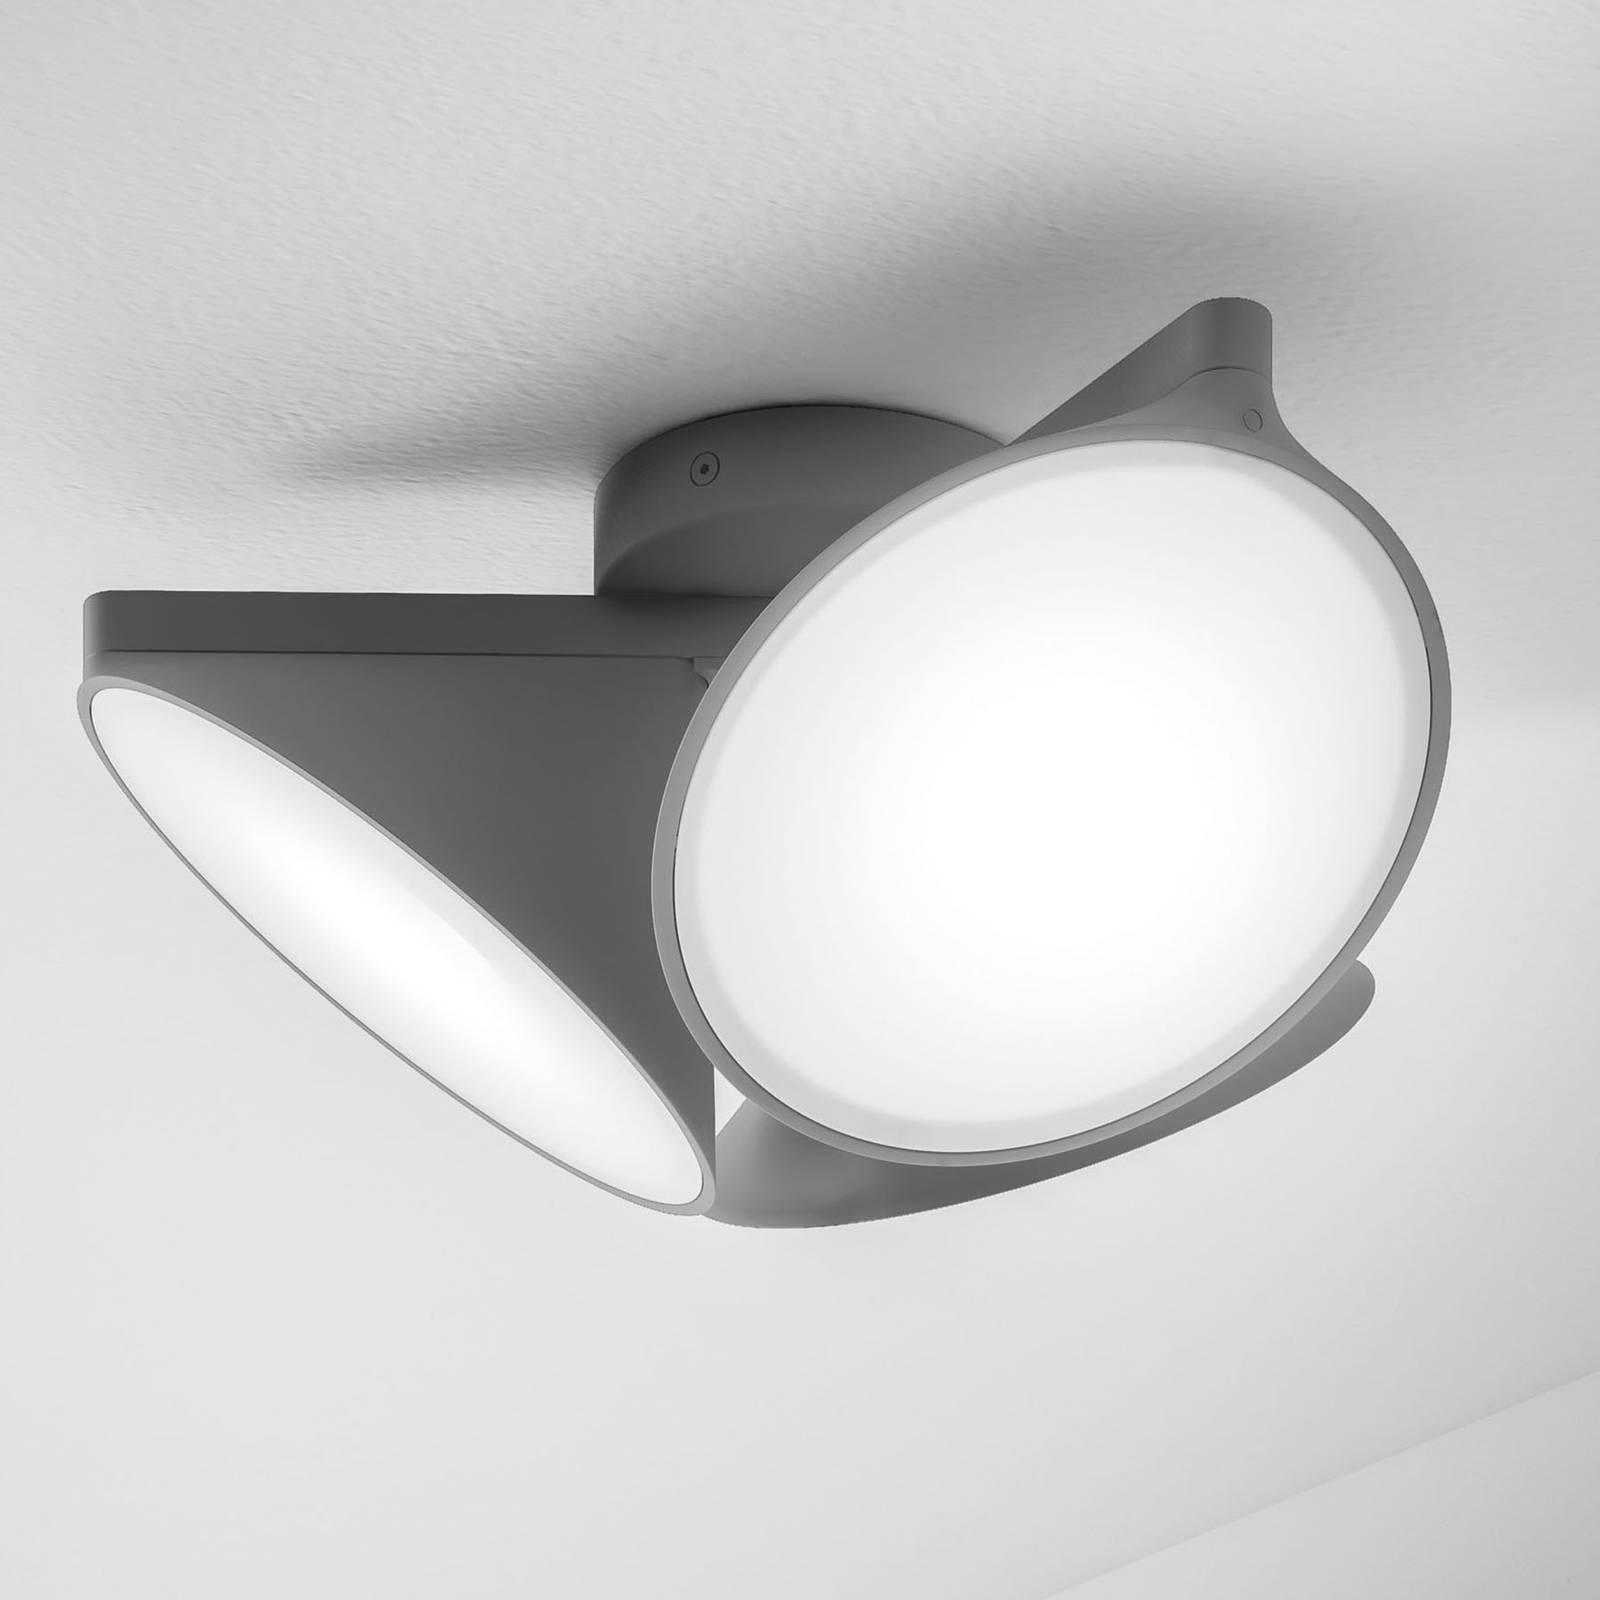 Axolight Orchid LED-Deckenleuchte, dunkelgrau